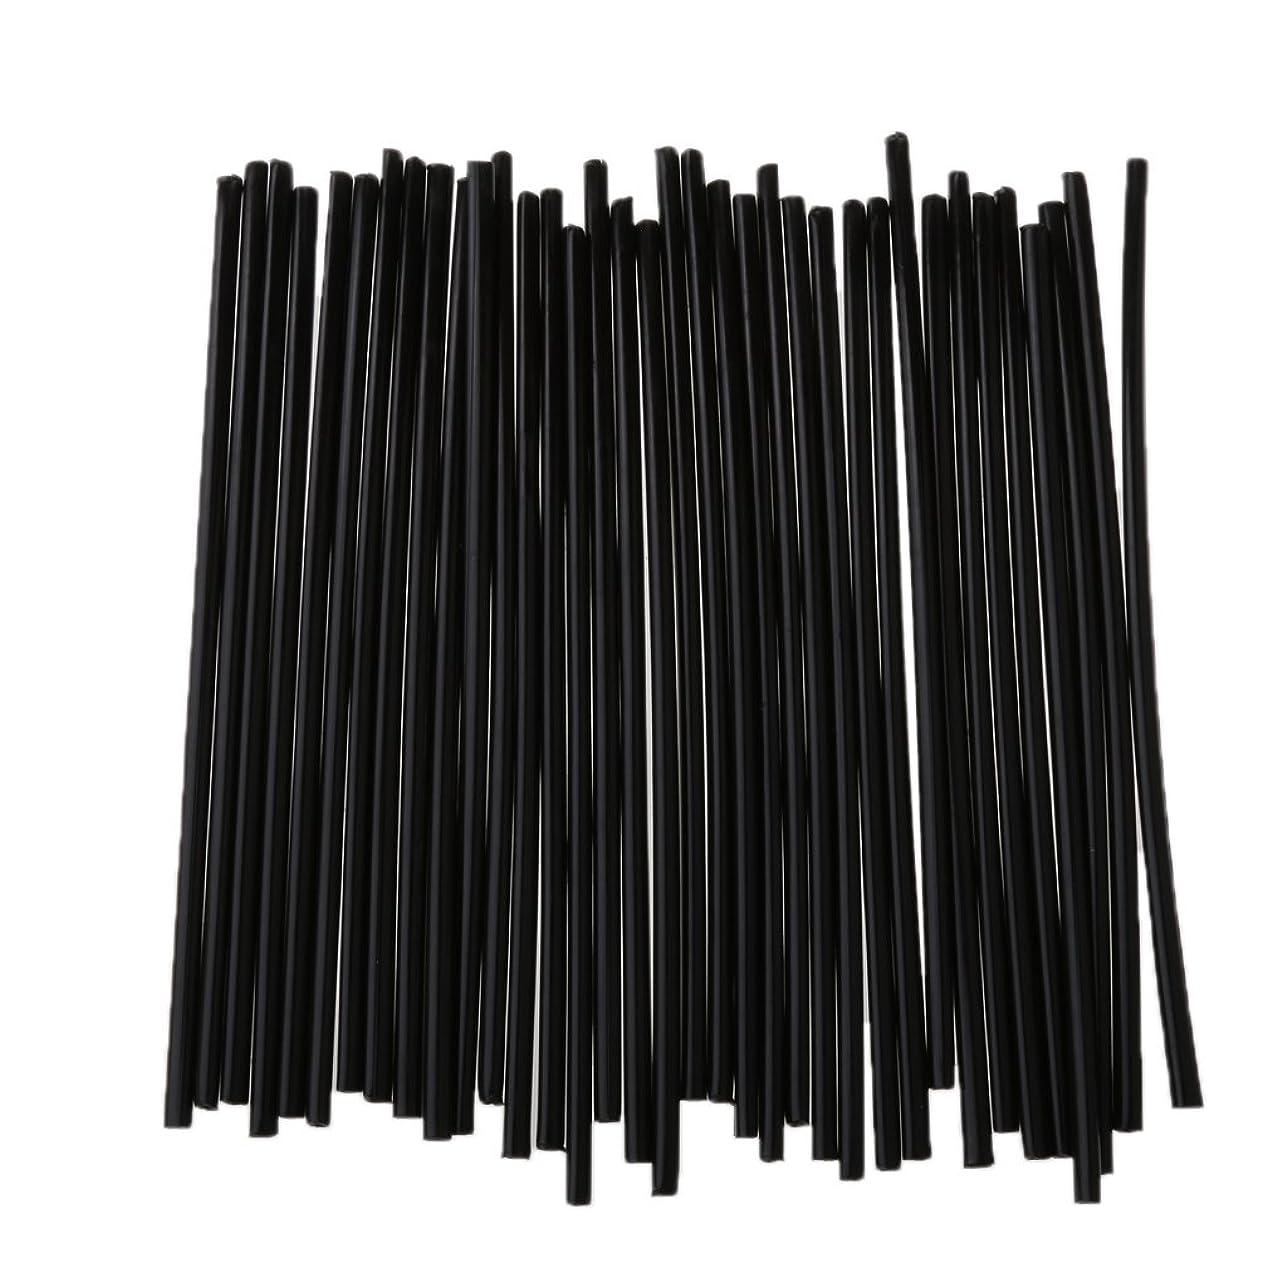 花束吸収するネックレットPerfk 75本入り オートバイ ホイール用 スポークラップ スポークスキン コート リムカバー パイプ 24cm 前後輪用 全10色 - ブラックとホワイト